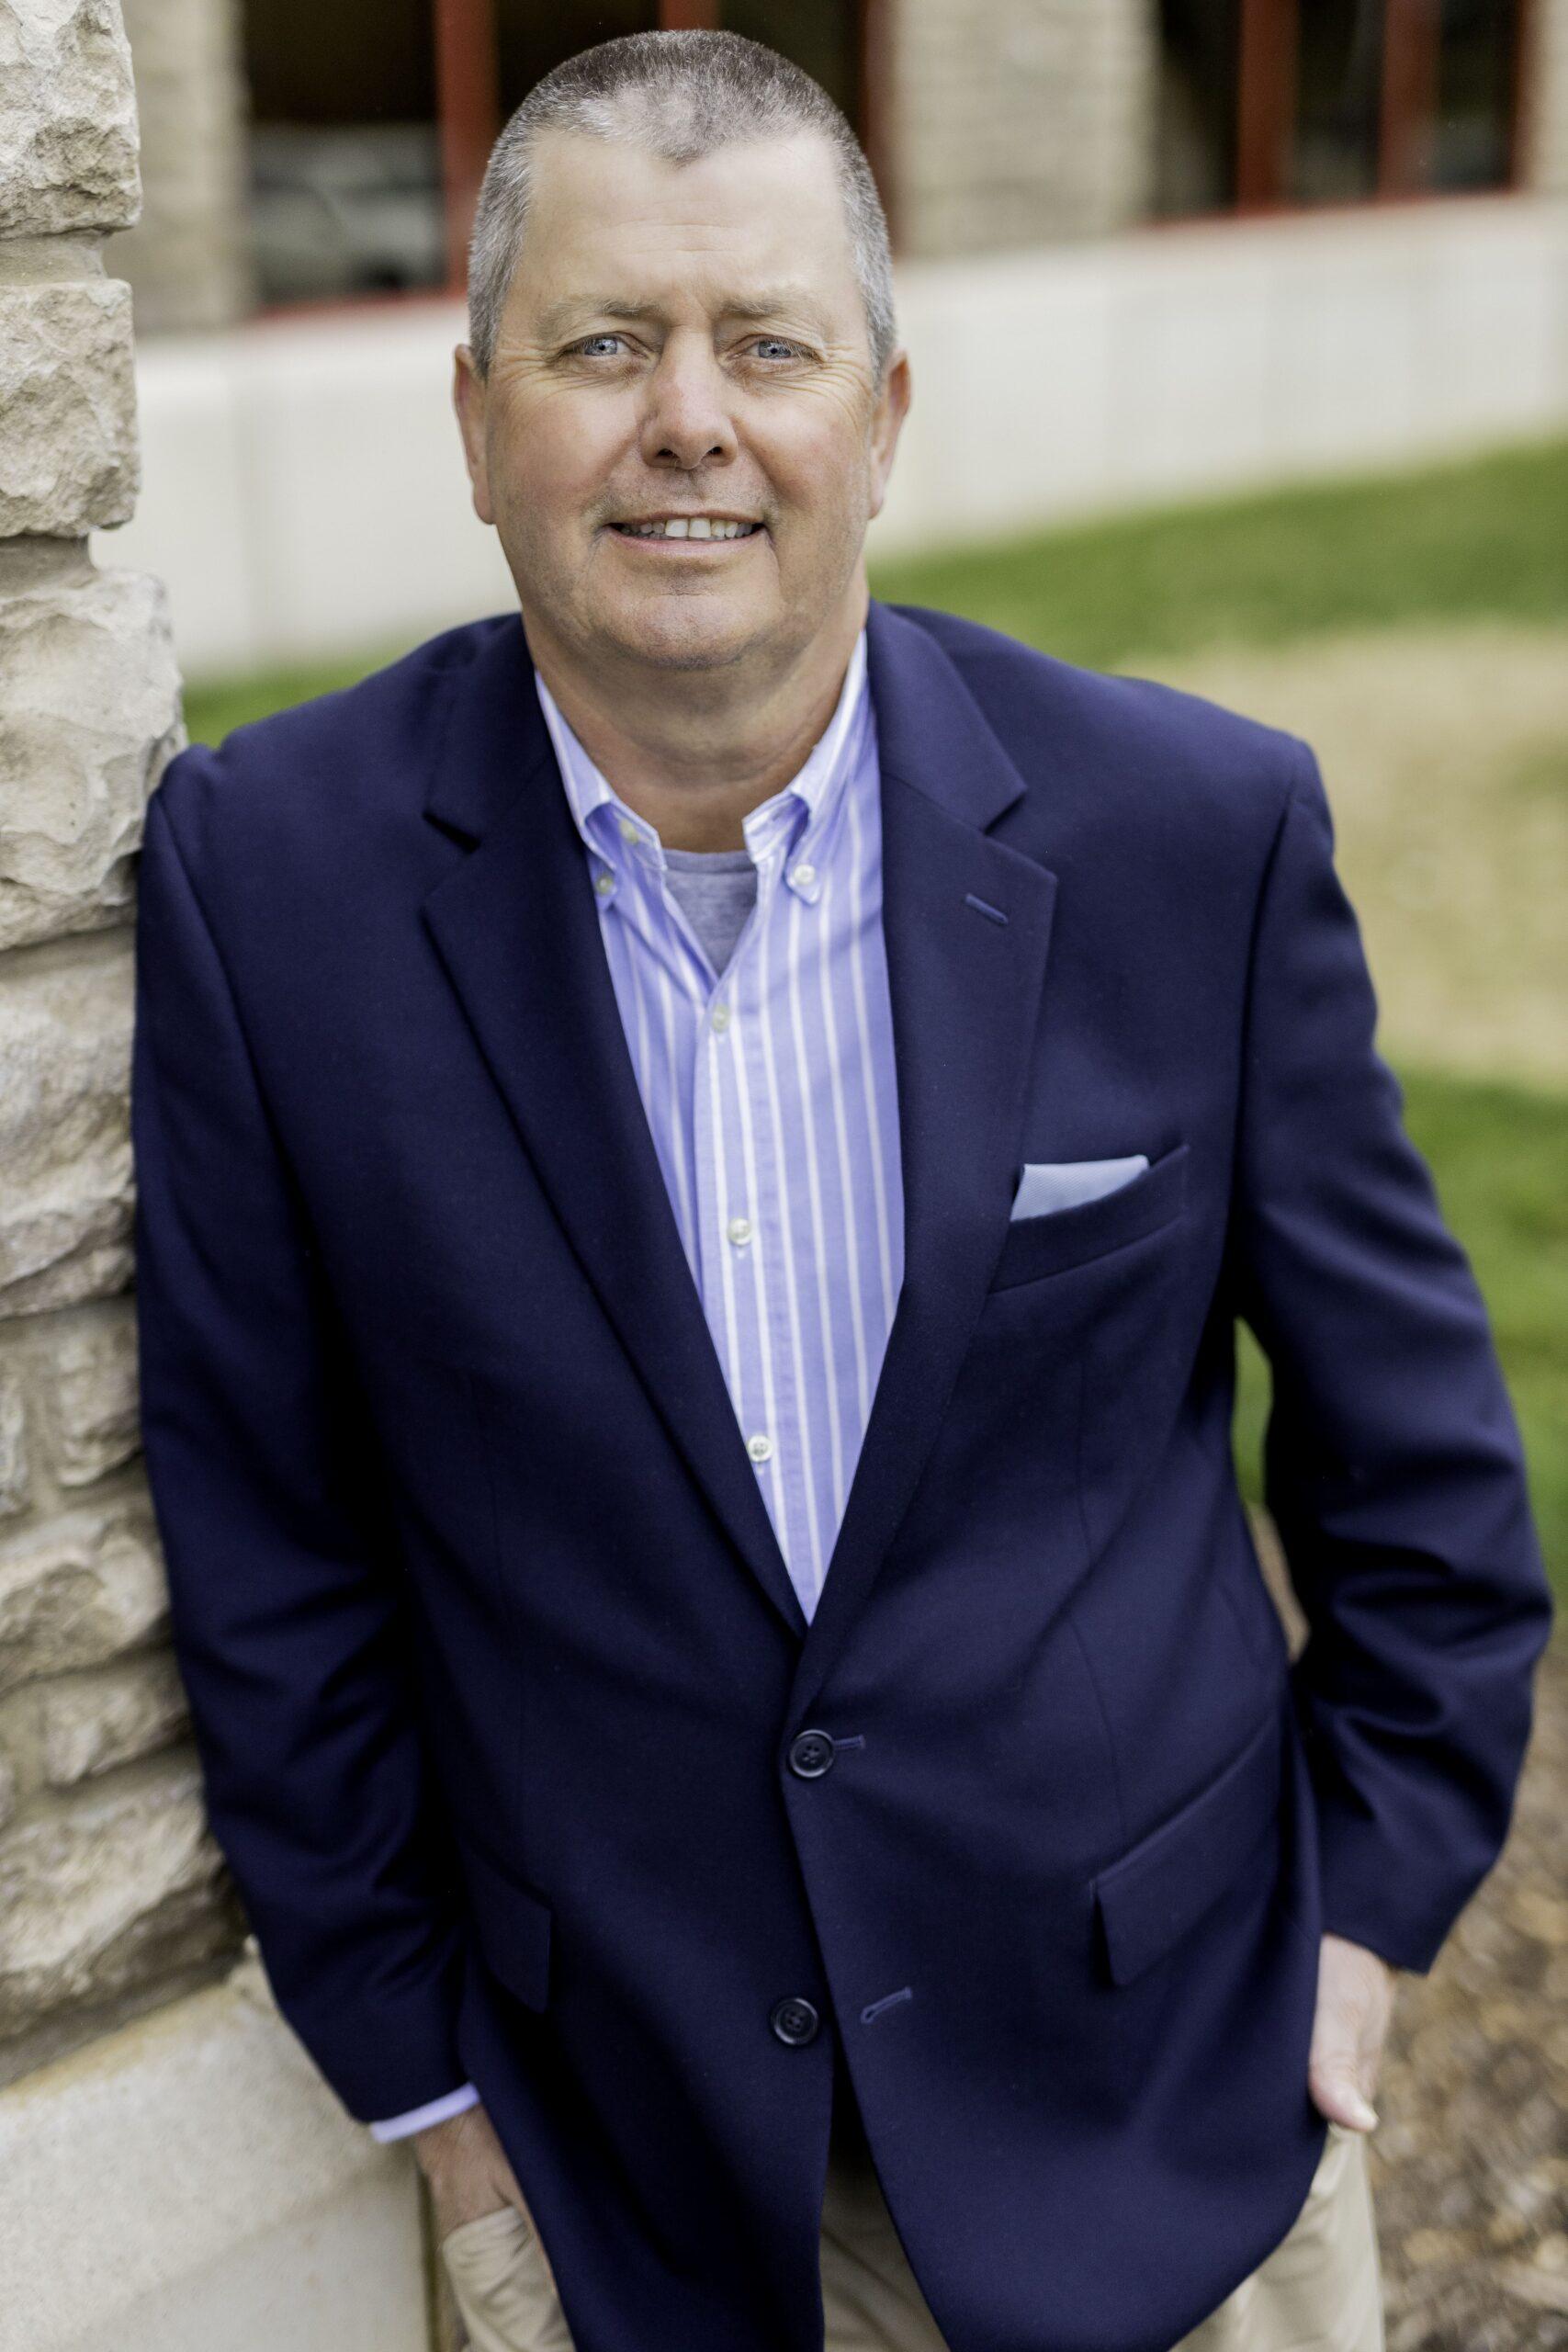 photo of bank employee mark luebbert